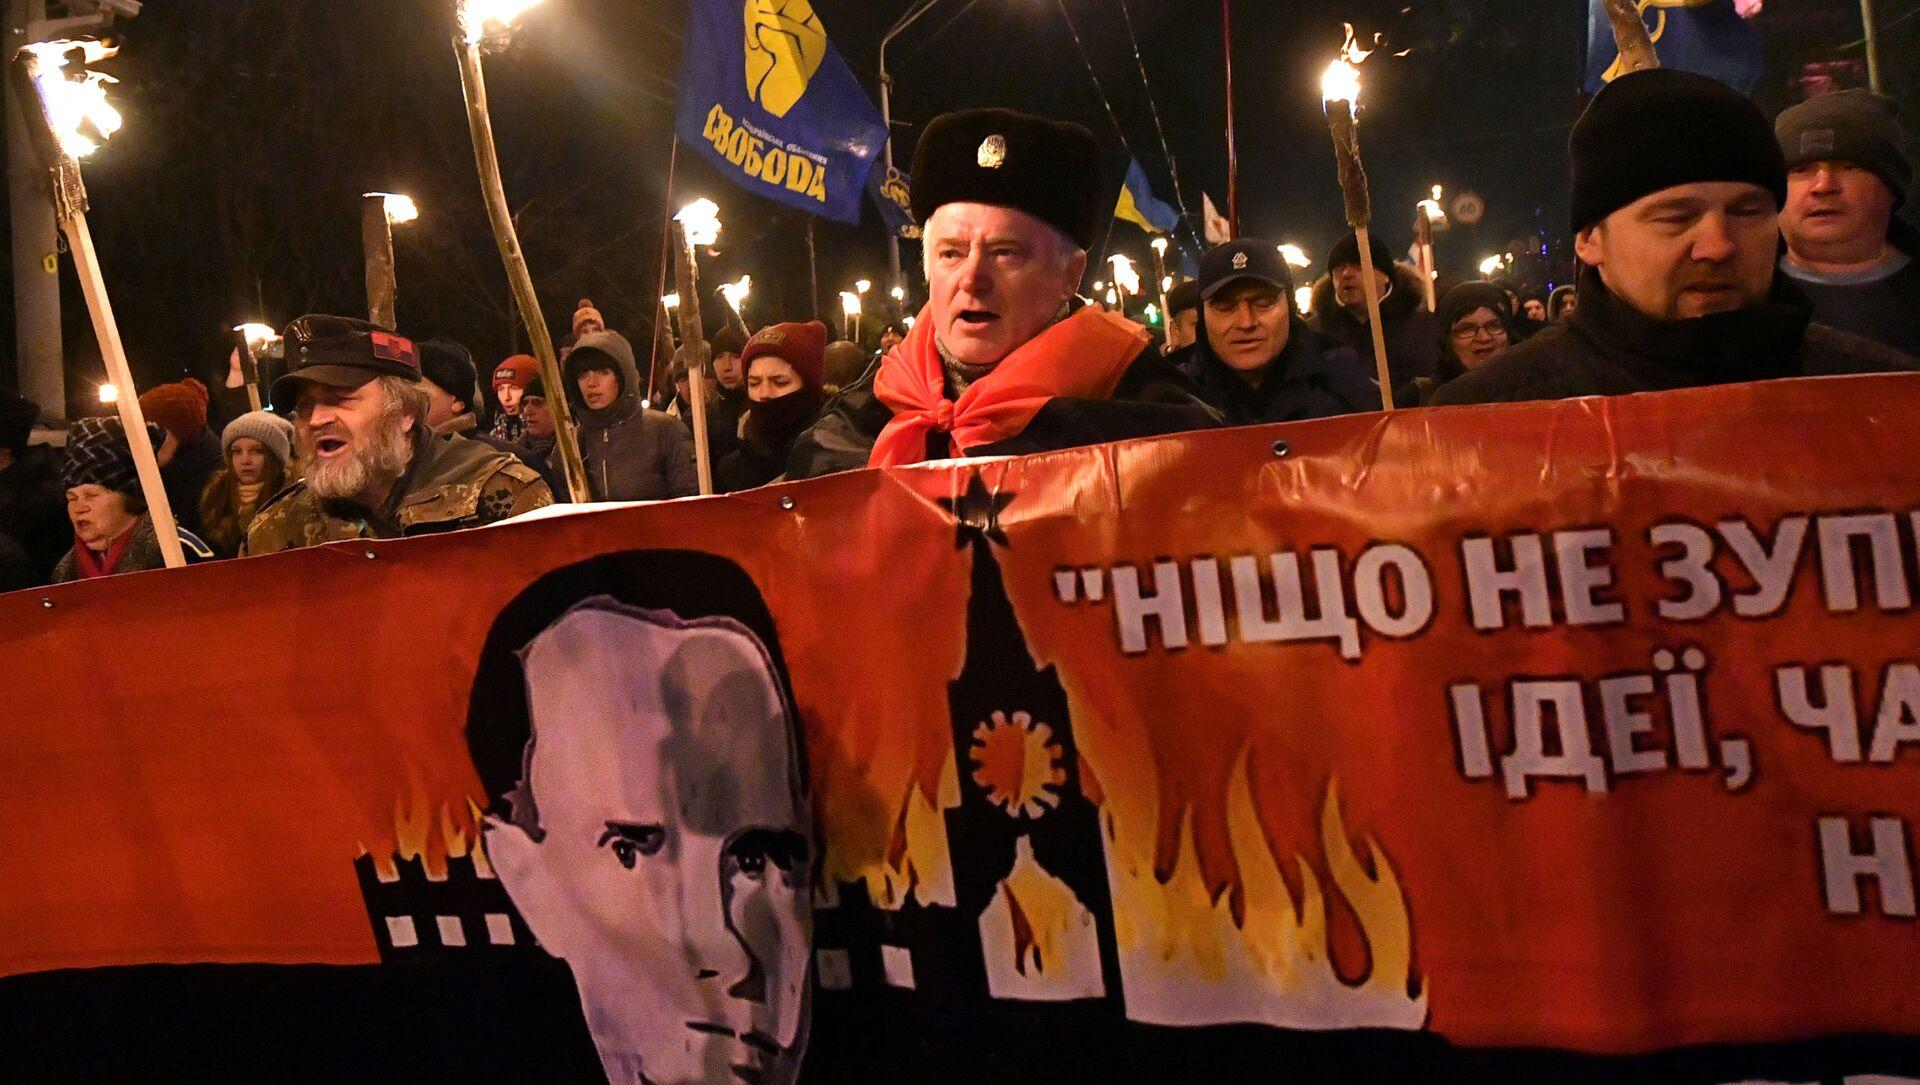 Pochod k 111. výročí narození Štěpána Bandery v Kyjevě - Sputnik Česká republika, 1920, 11.03.2021